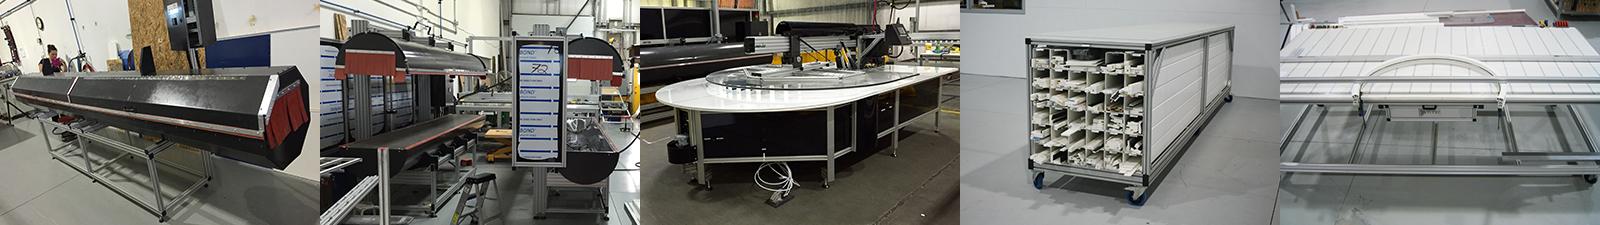 Syn-Tec Dry Vinyl Bending Systems